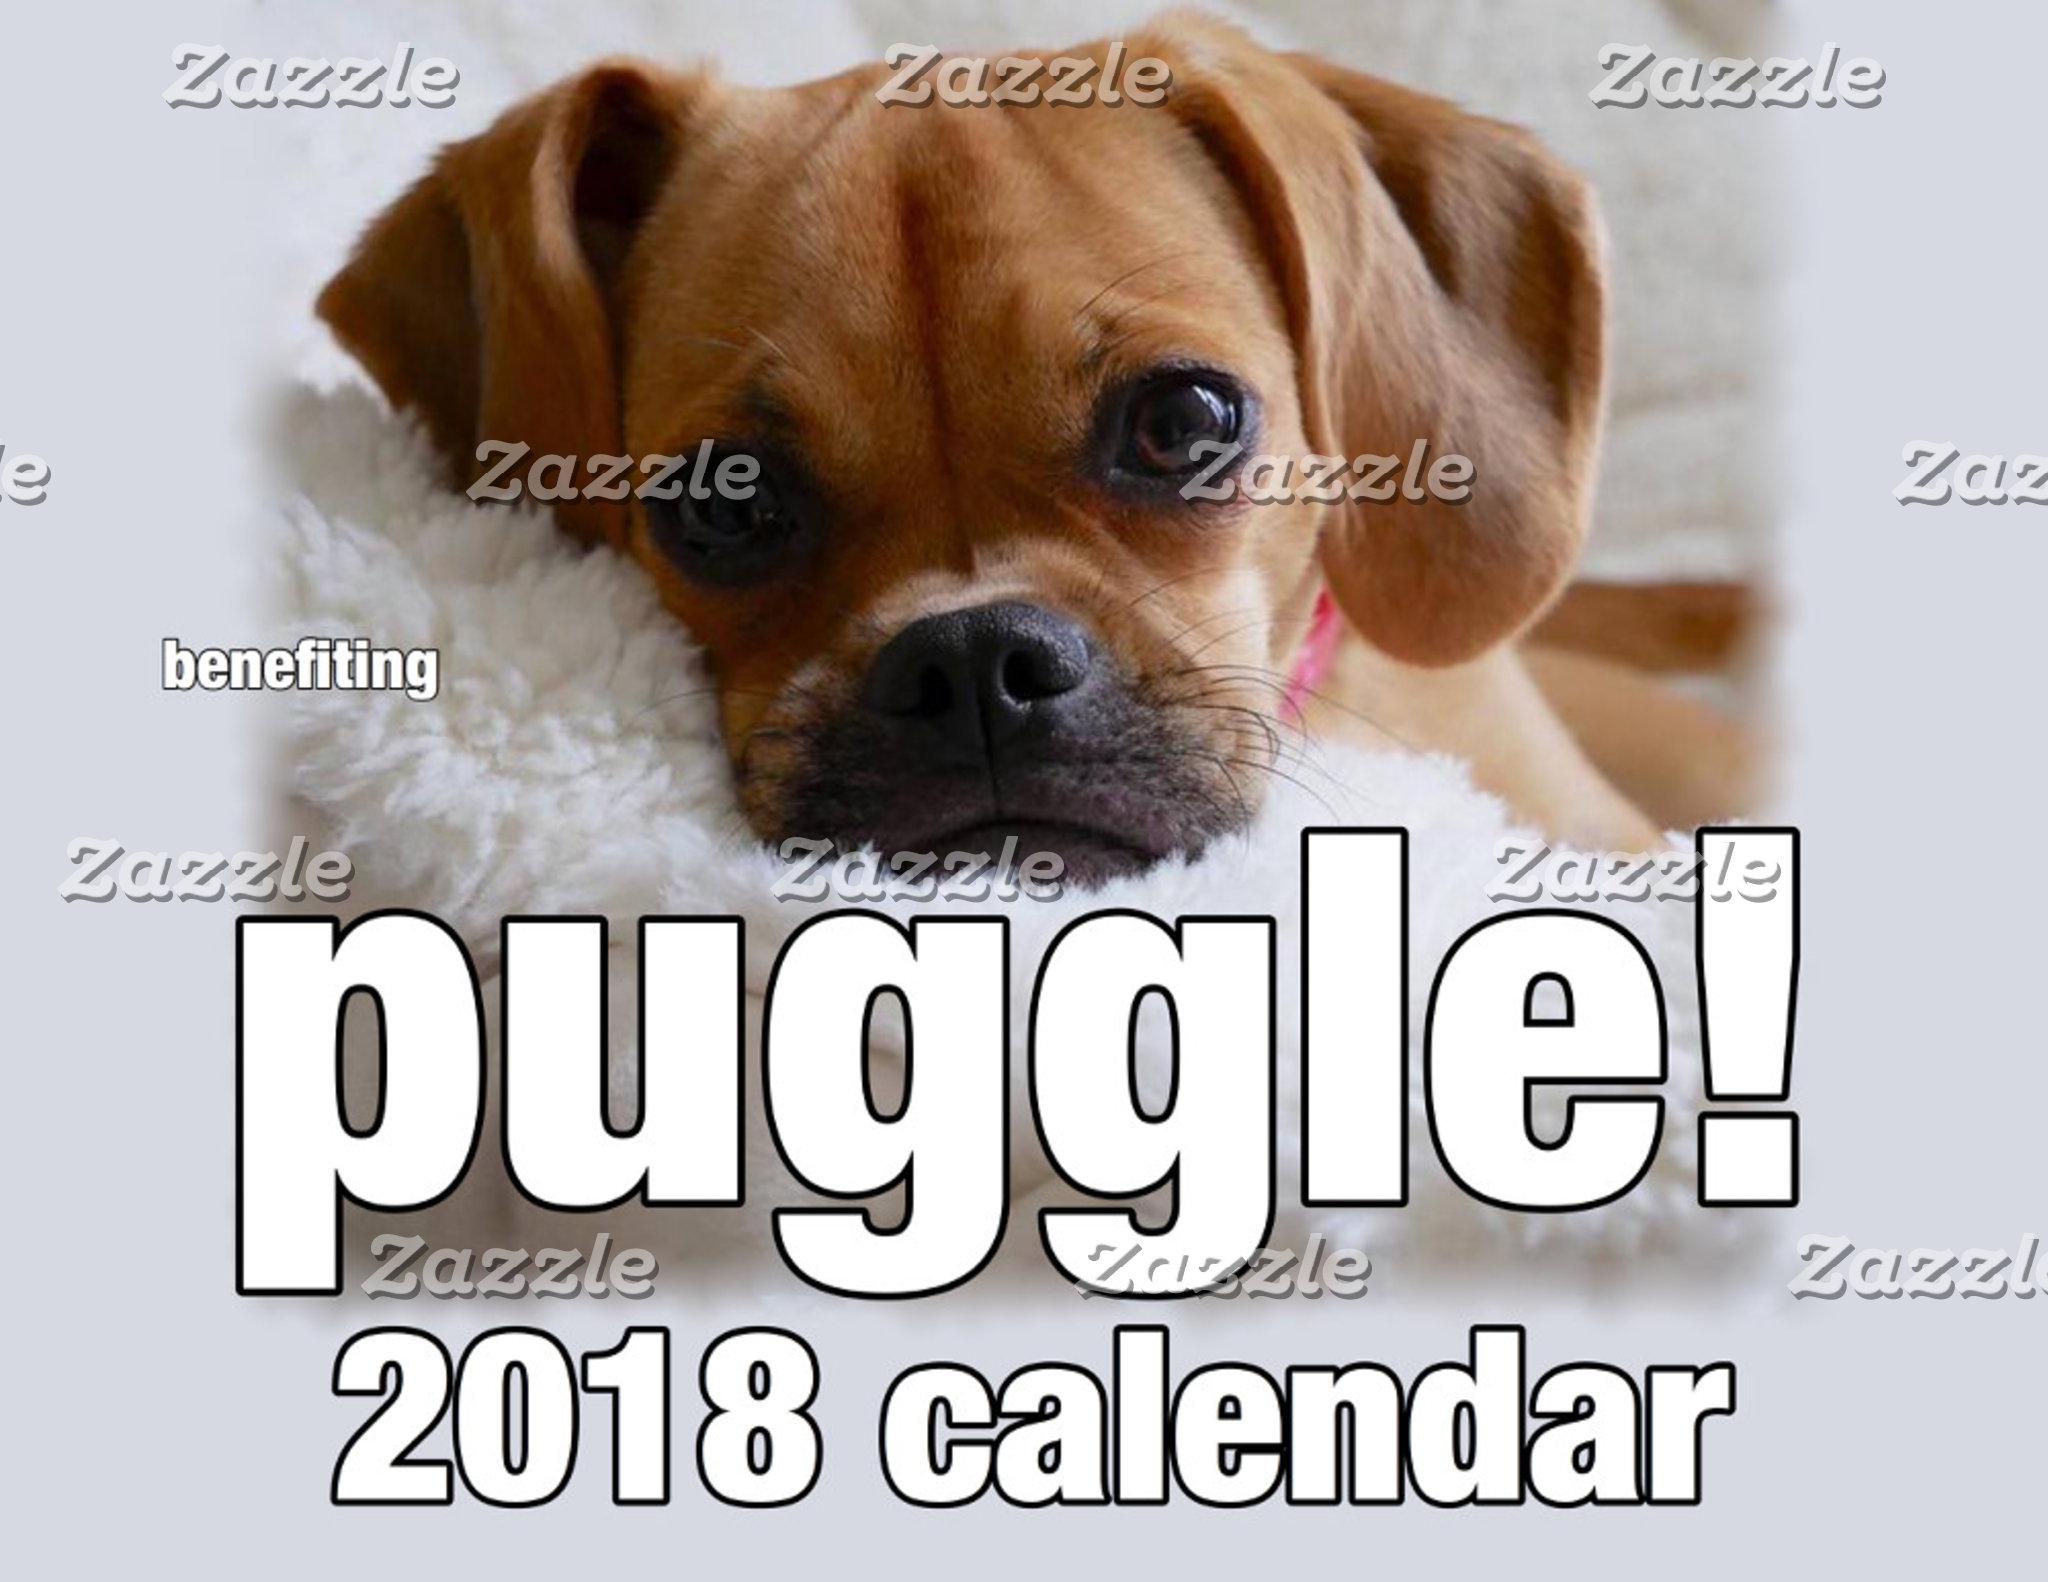 Puggle 2018 Calendar!